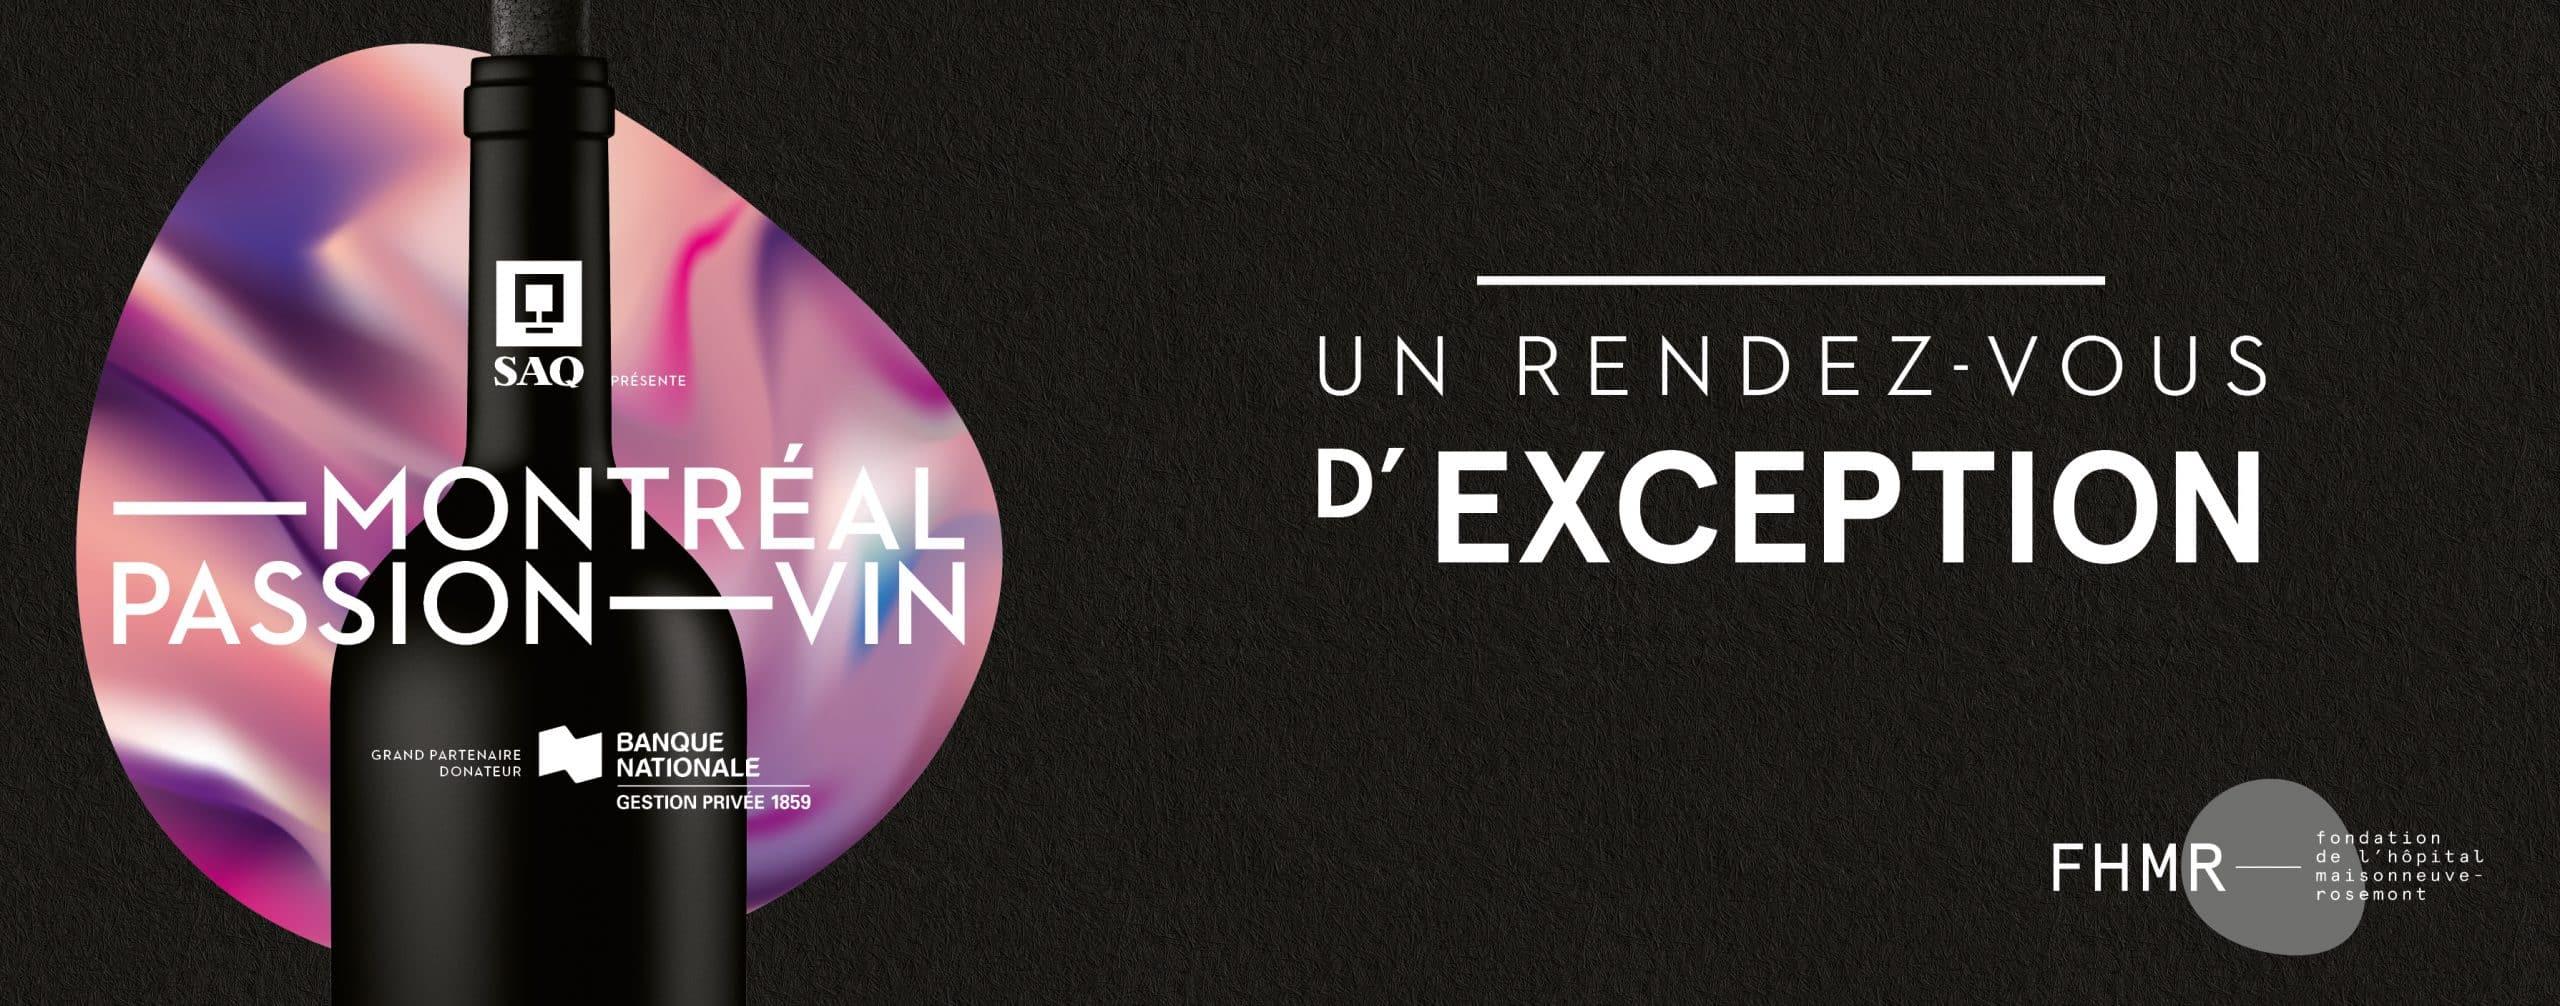 Montréal Passion Vin 2019